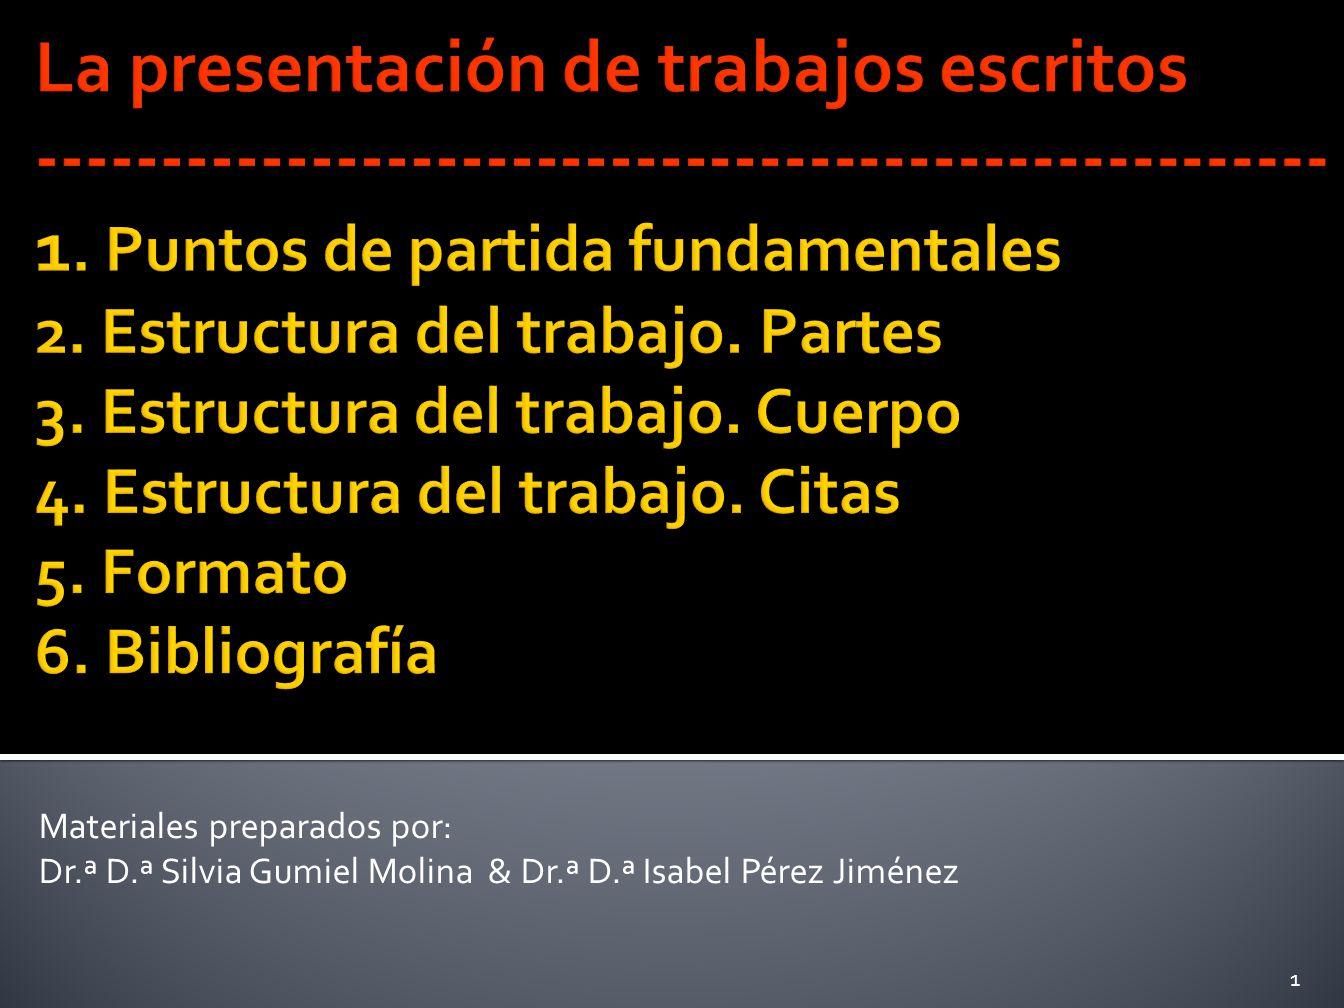 La presentación de trabajos escritos ---------------------------------------------------- 1. Puntos de partida fundamentales 2. Estructura del trabajo. Partes 3. Estructura del trabajo. Cuerpo 4. Estructura del trabajo. Citas 5. Formato 6. Bibliografía